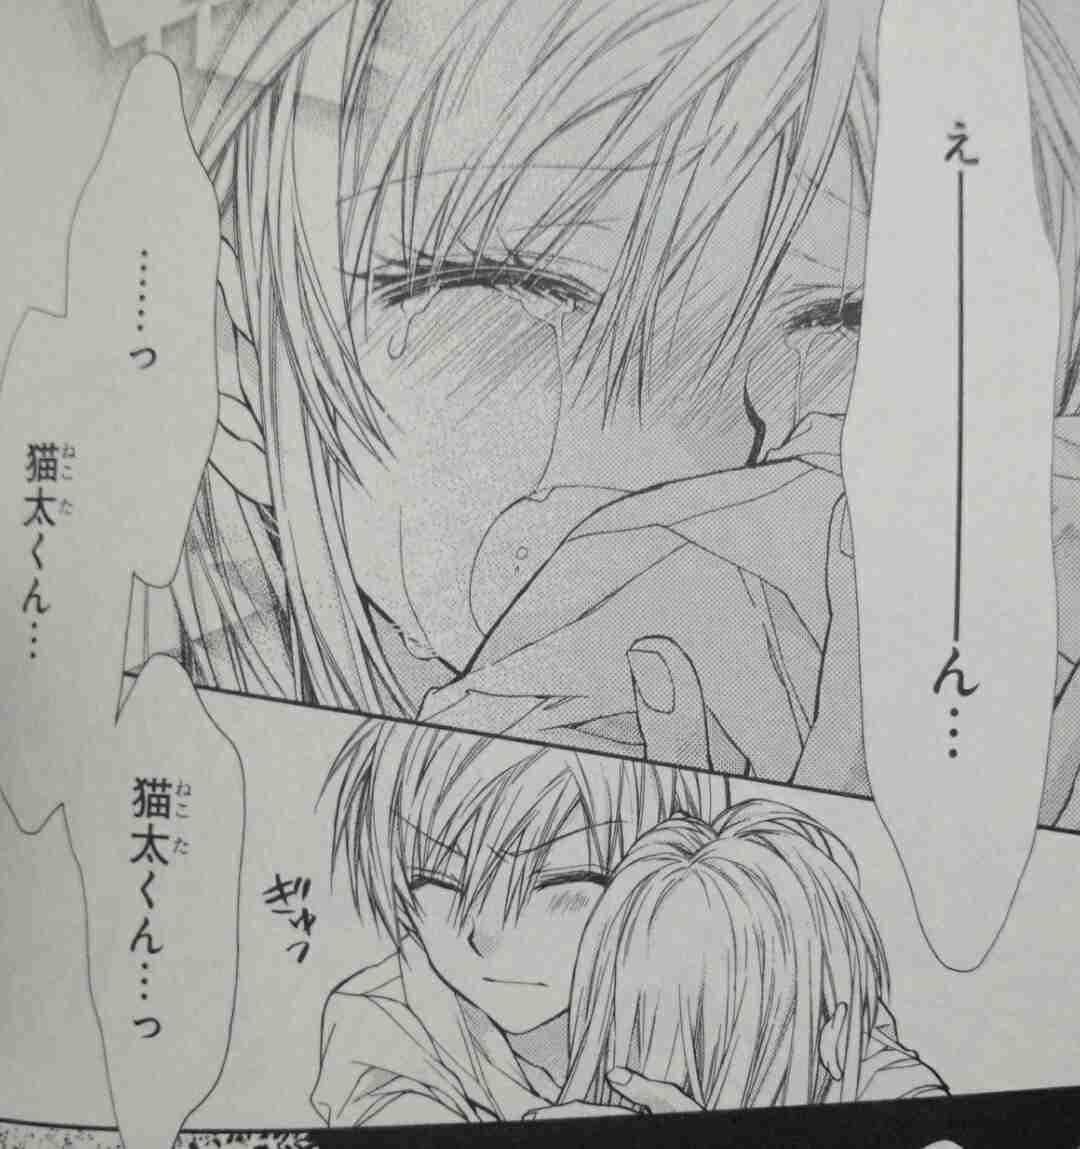 【漫画・アニメ】嫌いな主人公